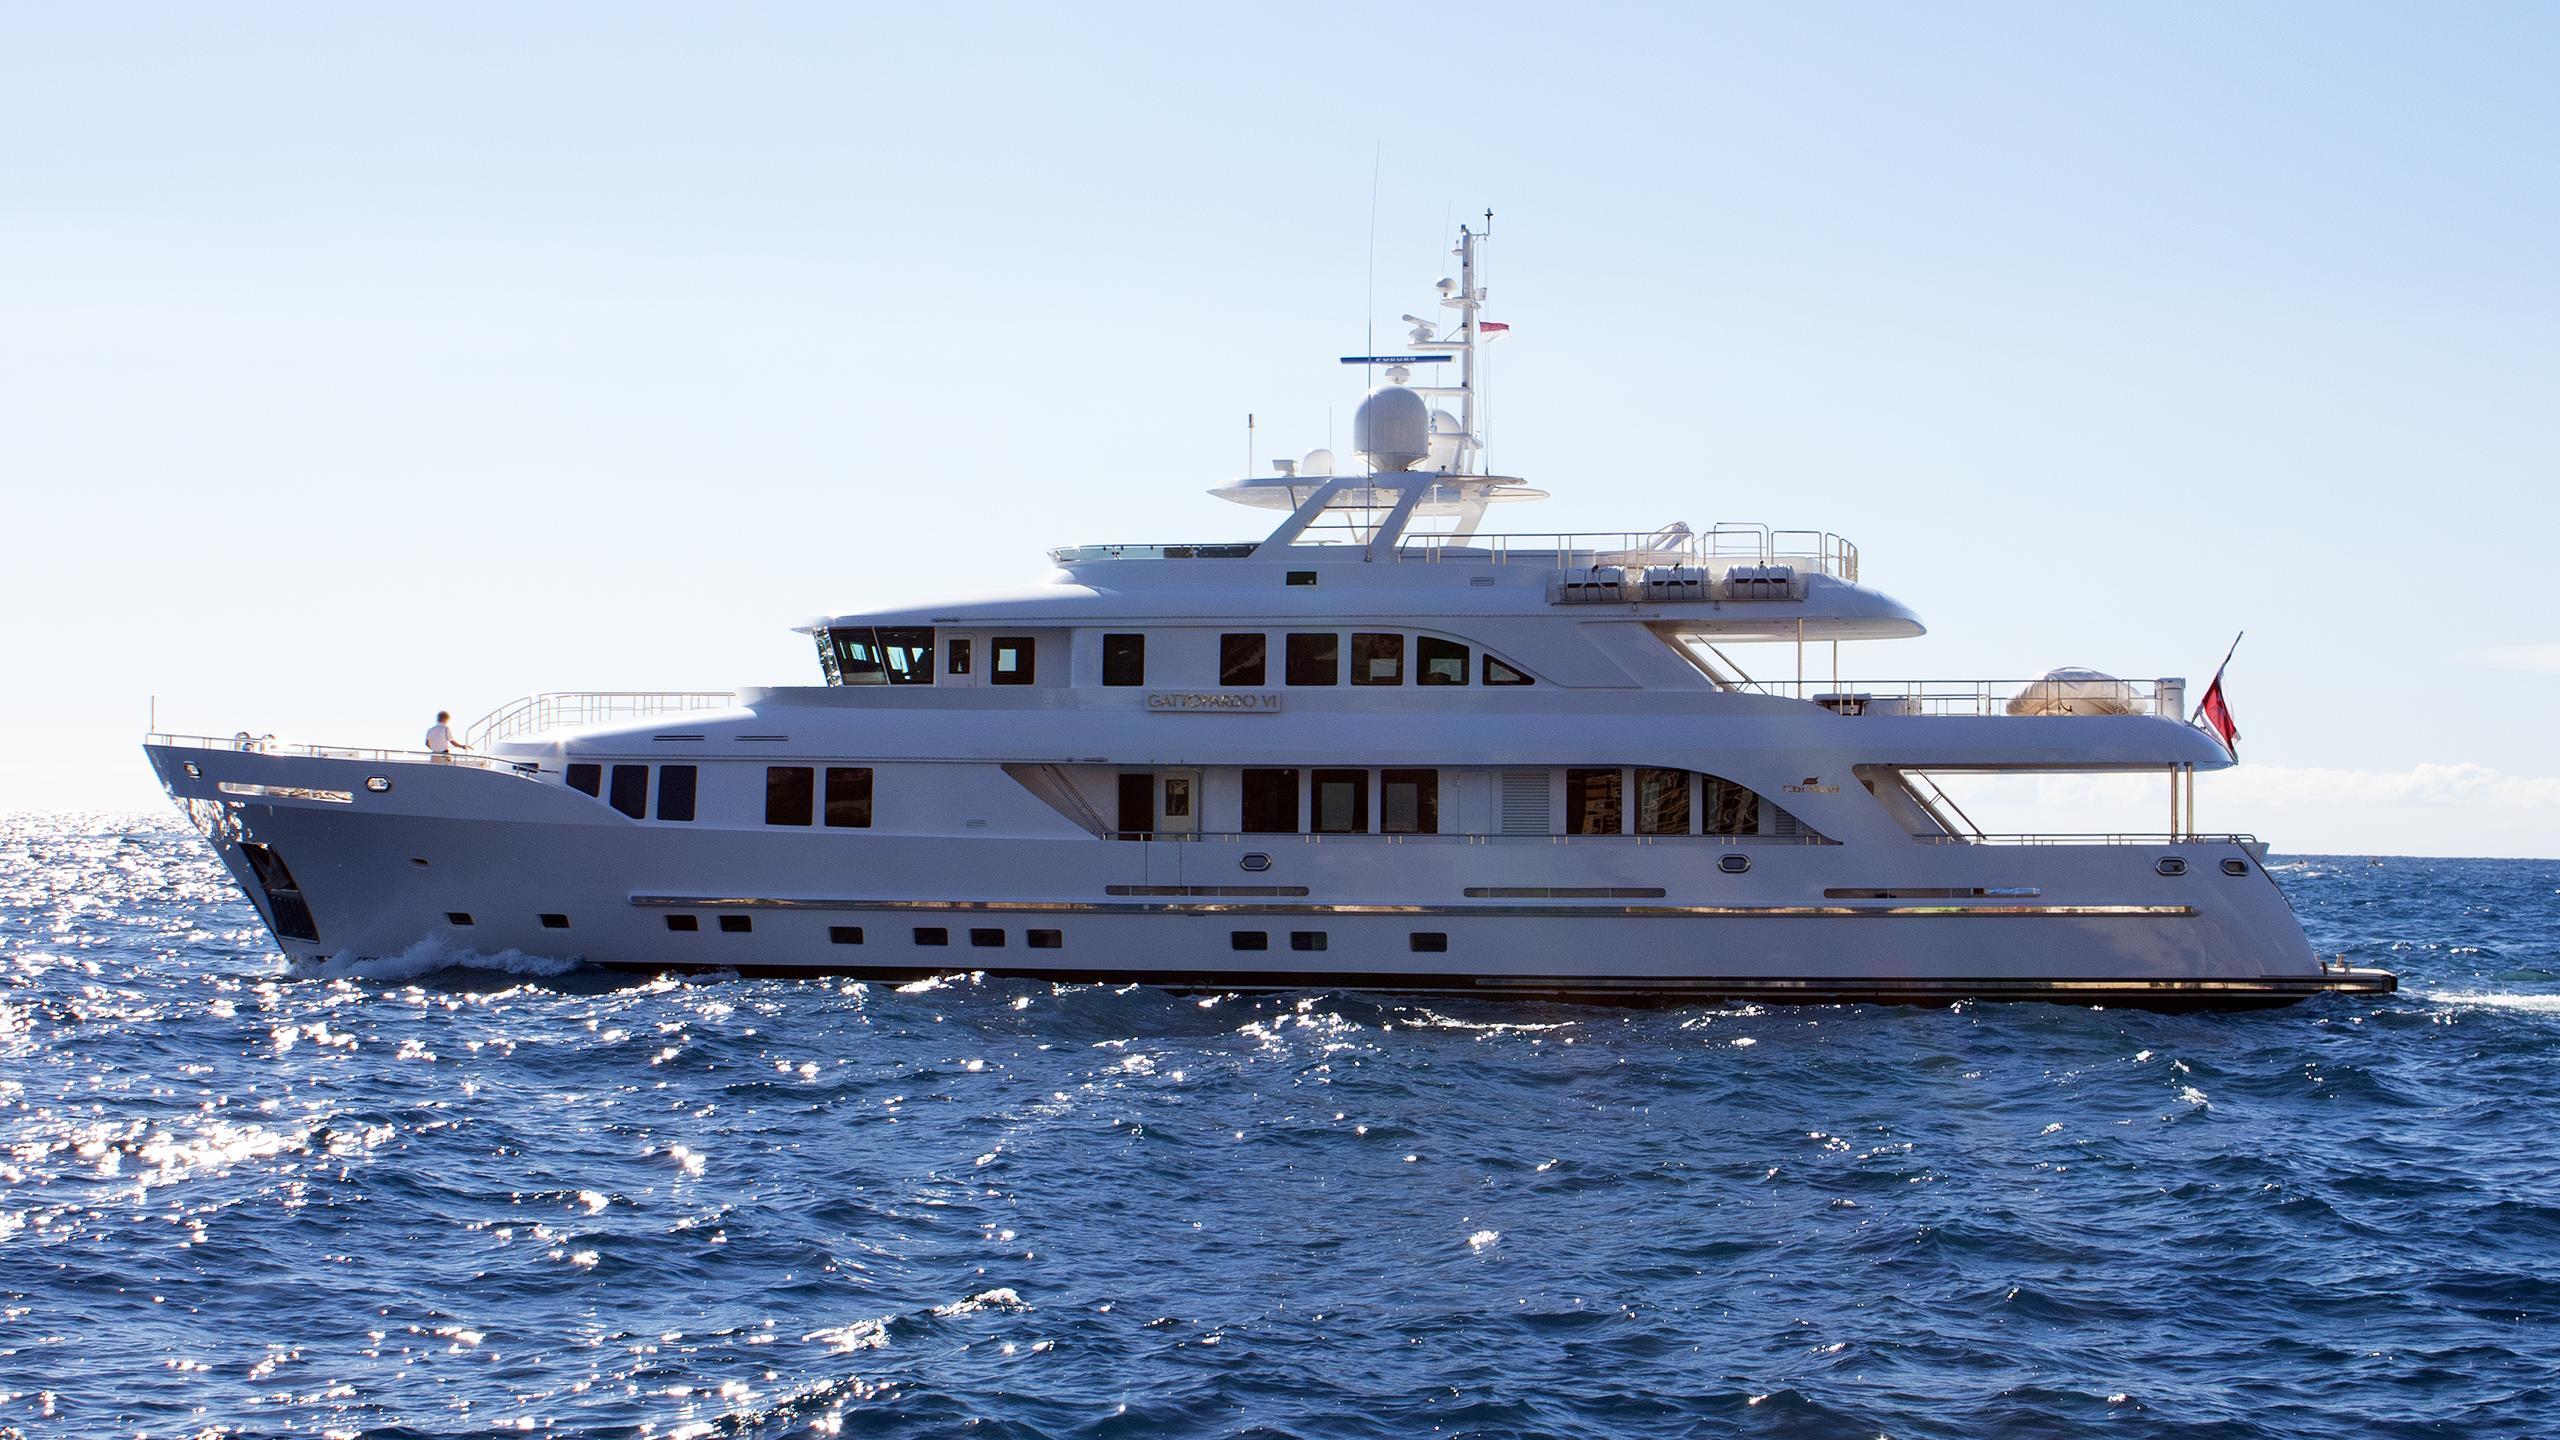 gattopardo-vi-motor-yacht-cbi-navi-2010-39m-profile